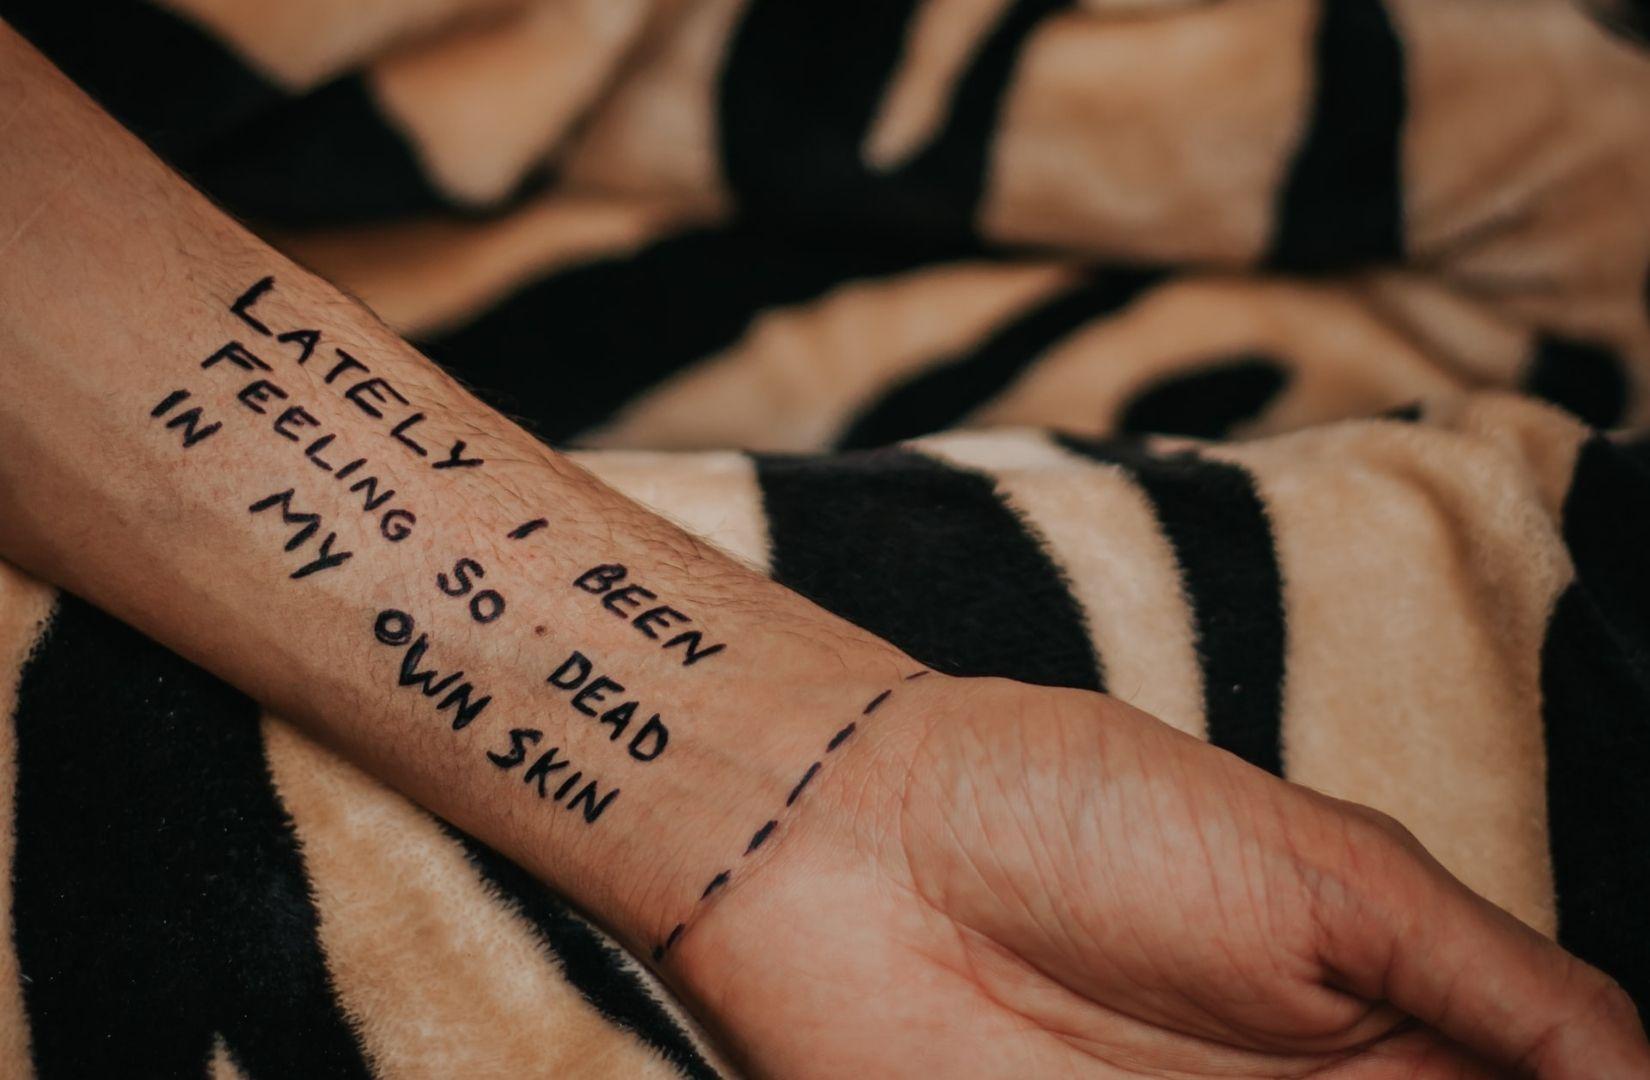 Hospitalismus in Worten. In letzter Zeit fühle ich mich so tot in meiner eigenen Haut. (Foto: Dollar Gill, Unsplash.com)